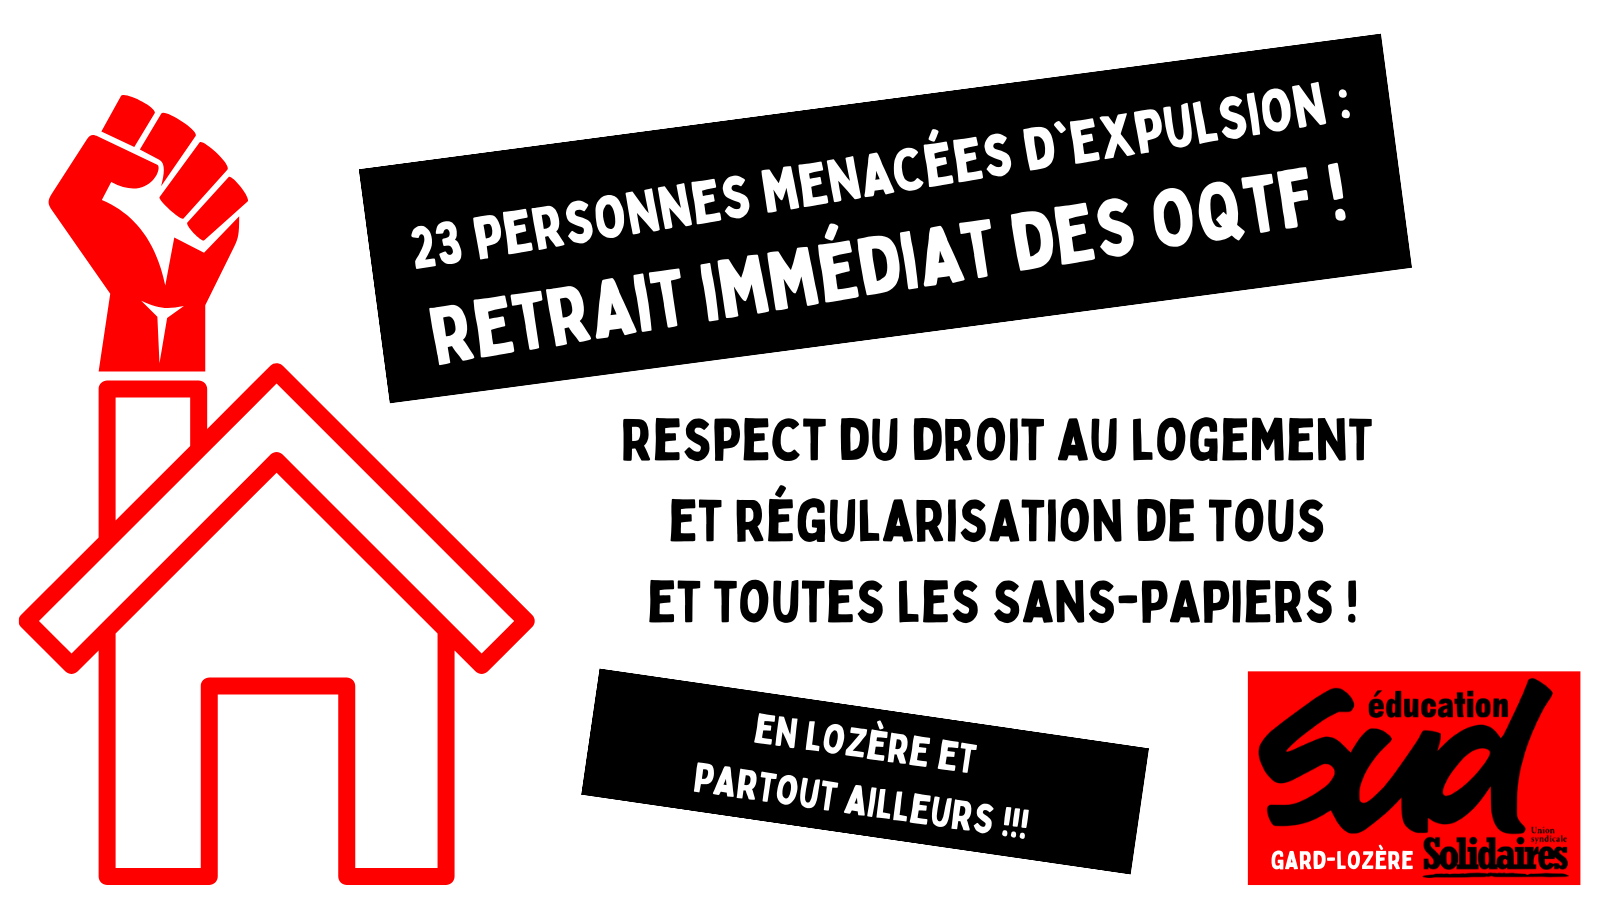 Respect du droit au logement et régularisation de tous et toutes les sans-papiers en Lozère!